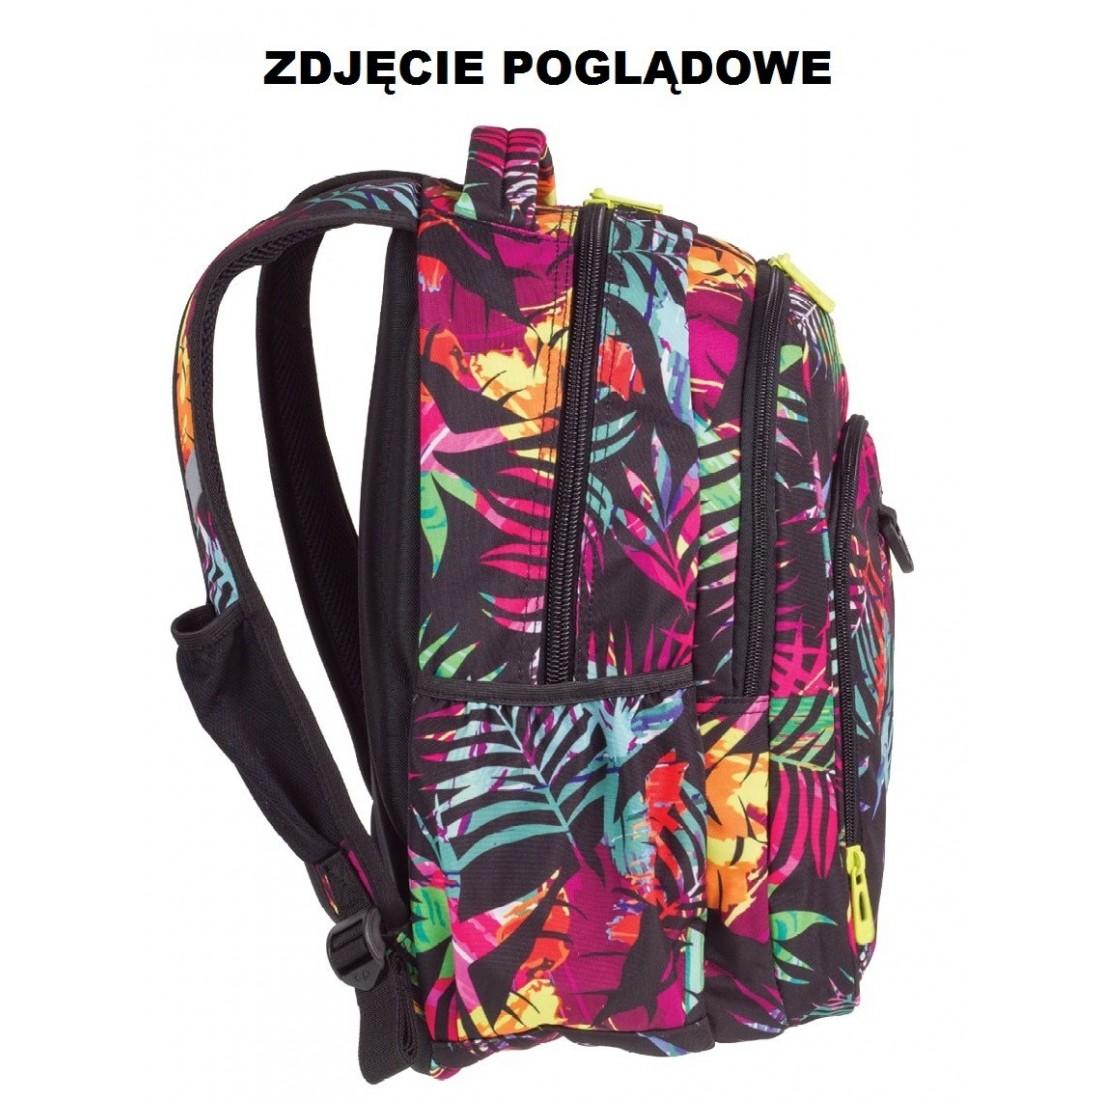 1d1a121404af2 ... Plecak młodzieżowy CoolPack CP STRIKE MOSAIC DOTS 719 pastelowe kropki  ...